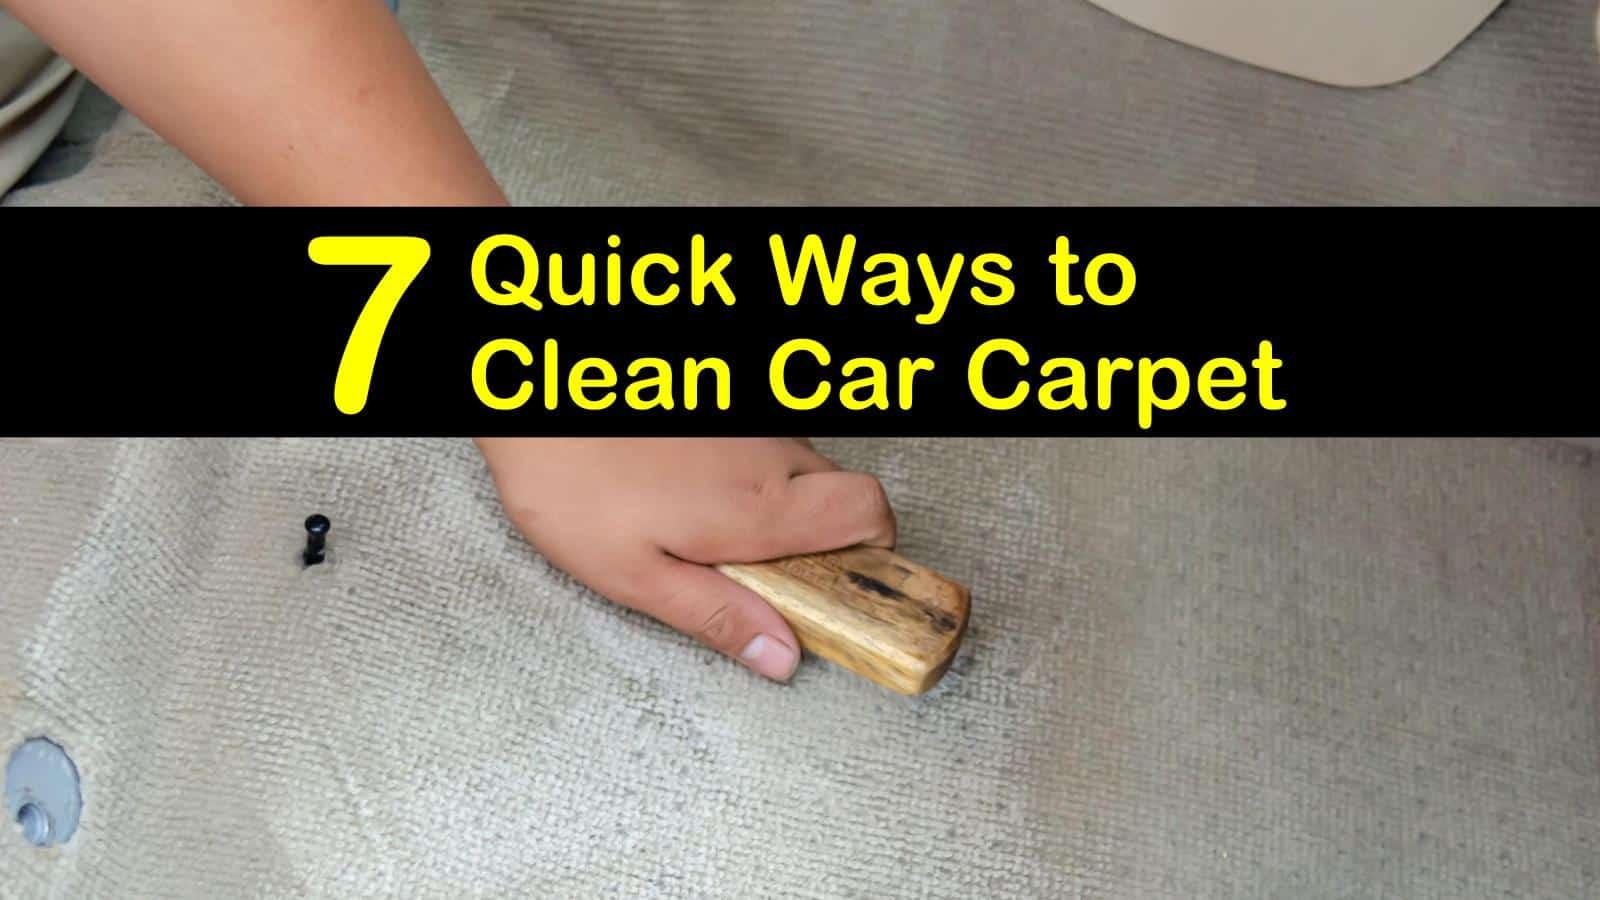 how to clean car carpet titleimg1